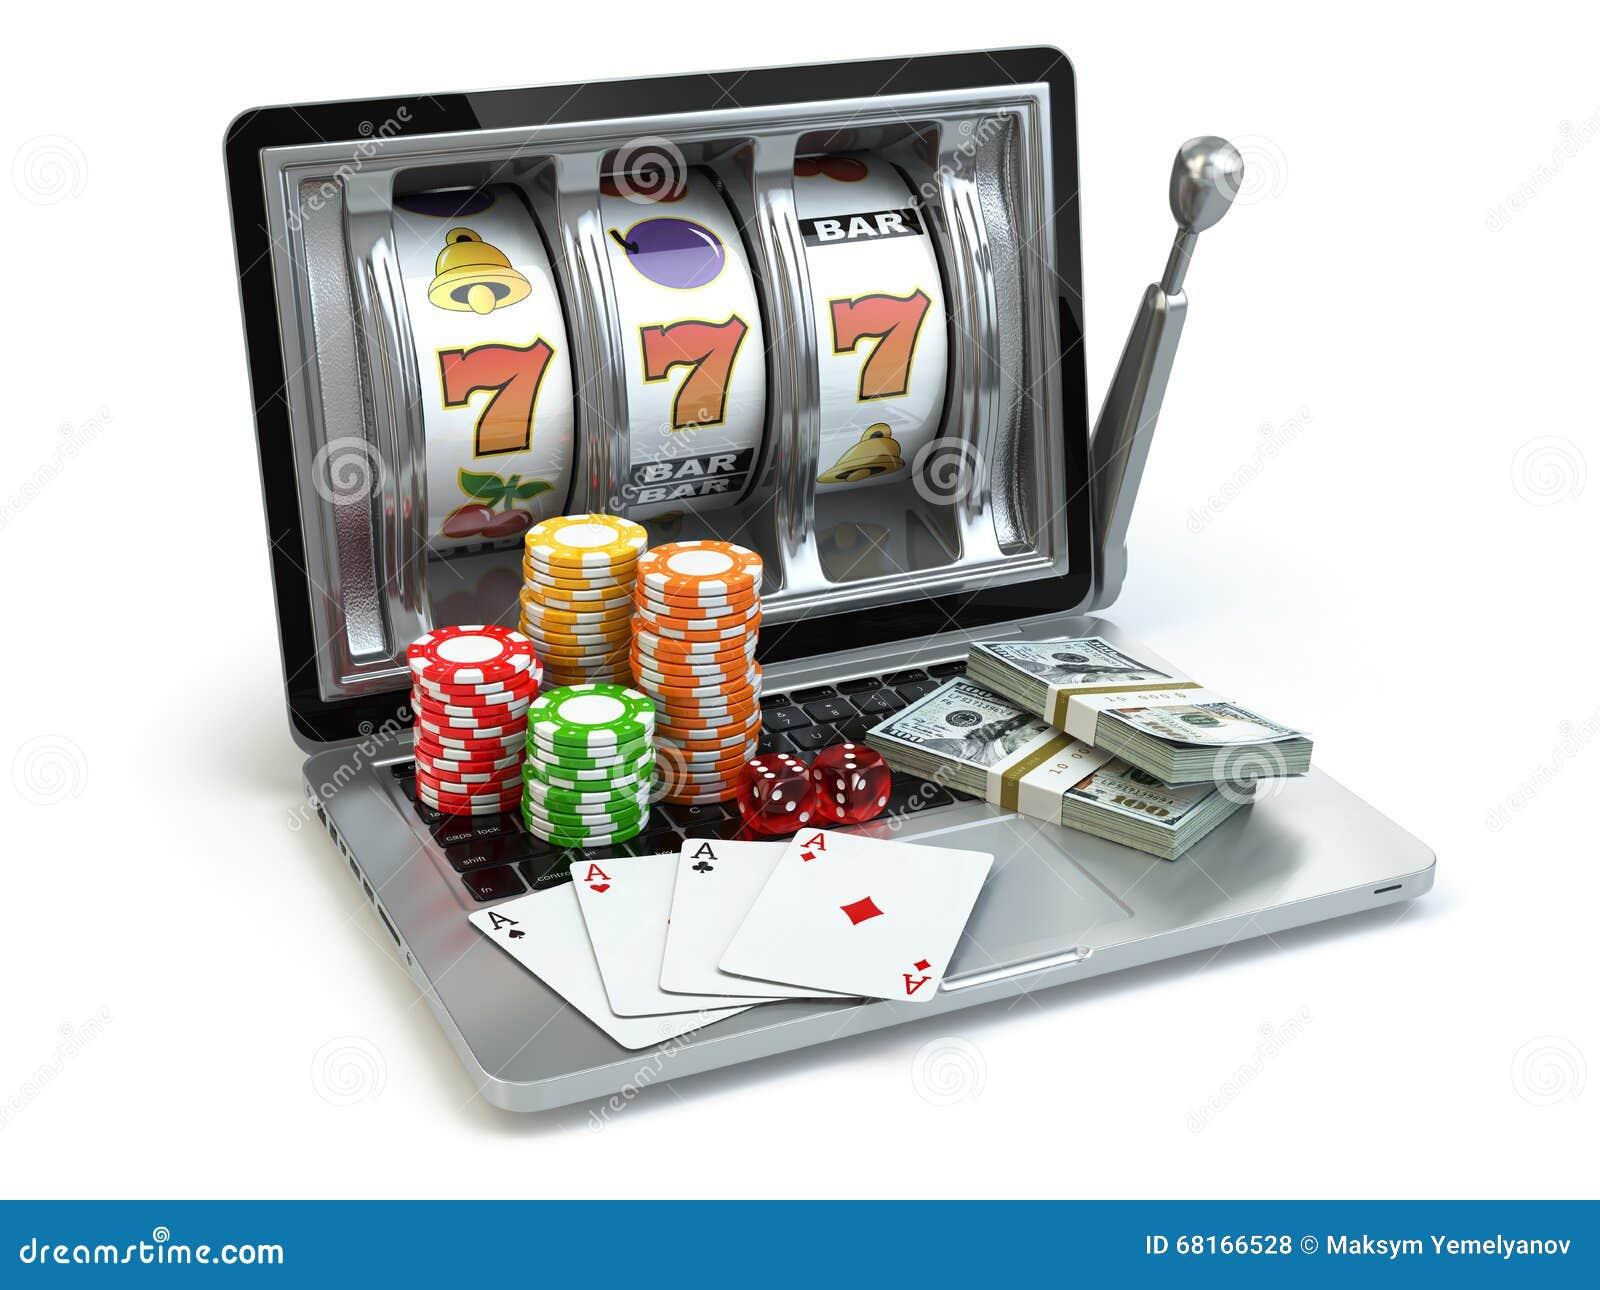 Ігрові автомати олівер бар грати безкоштовно і без реєстрації